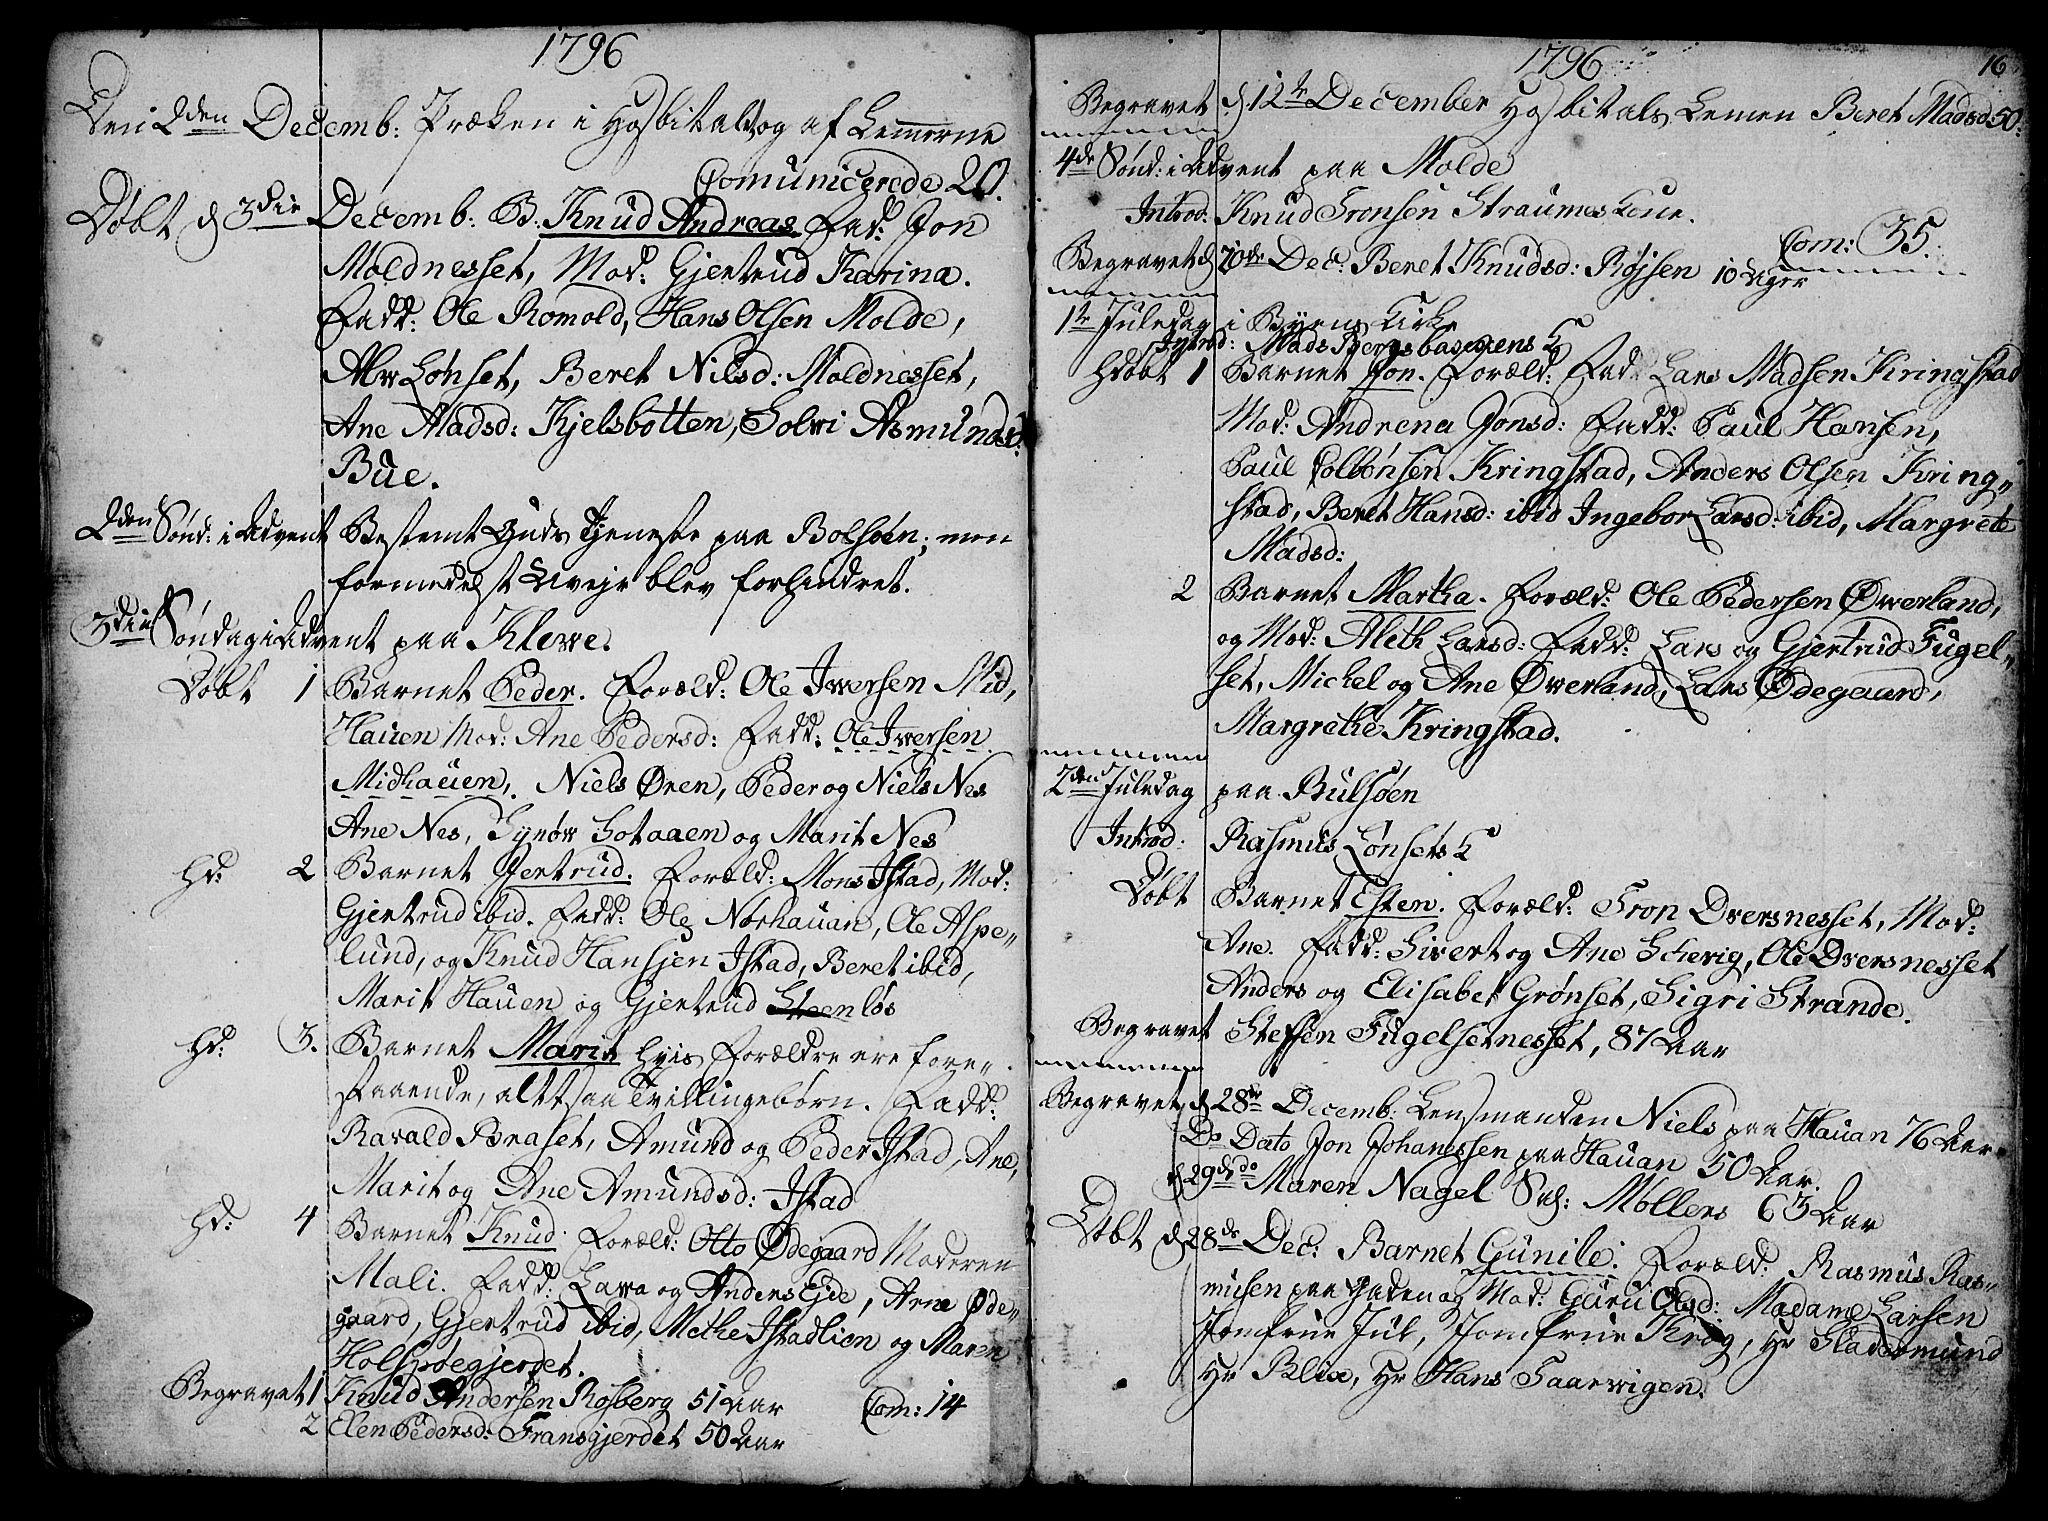 SAT, Ministerialprotokoller, klokkerbøker og fødselsregistre - Møre og Romsdal, 555/L0649: Ministerialbok nr. 555A02 /1, 1795-1821, s. 16